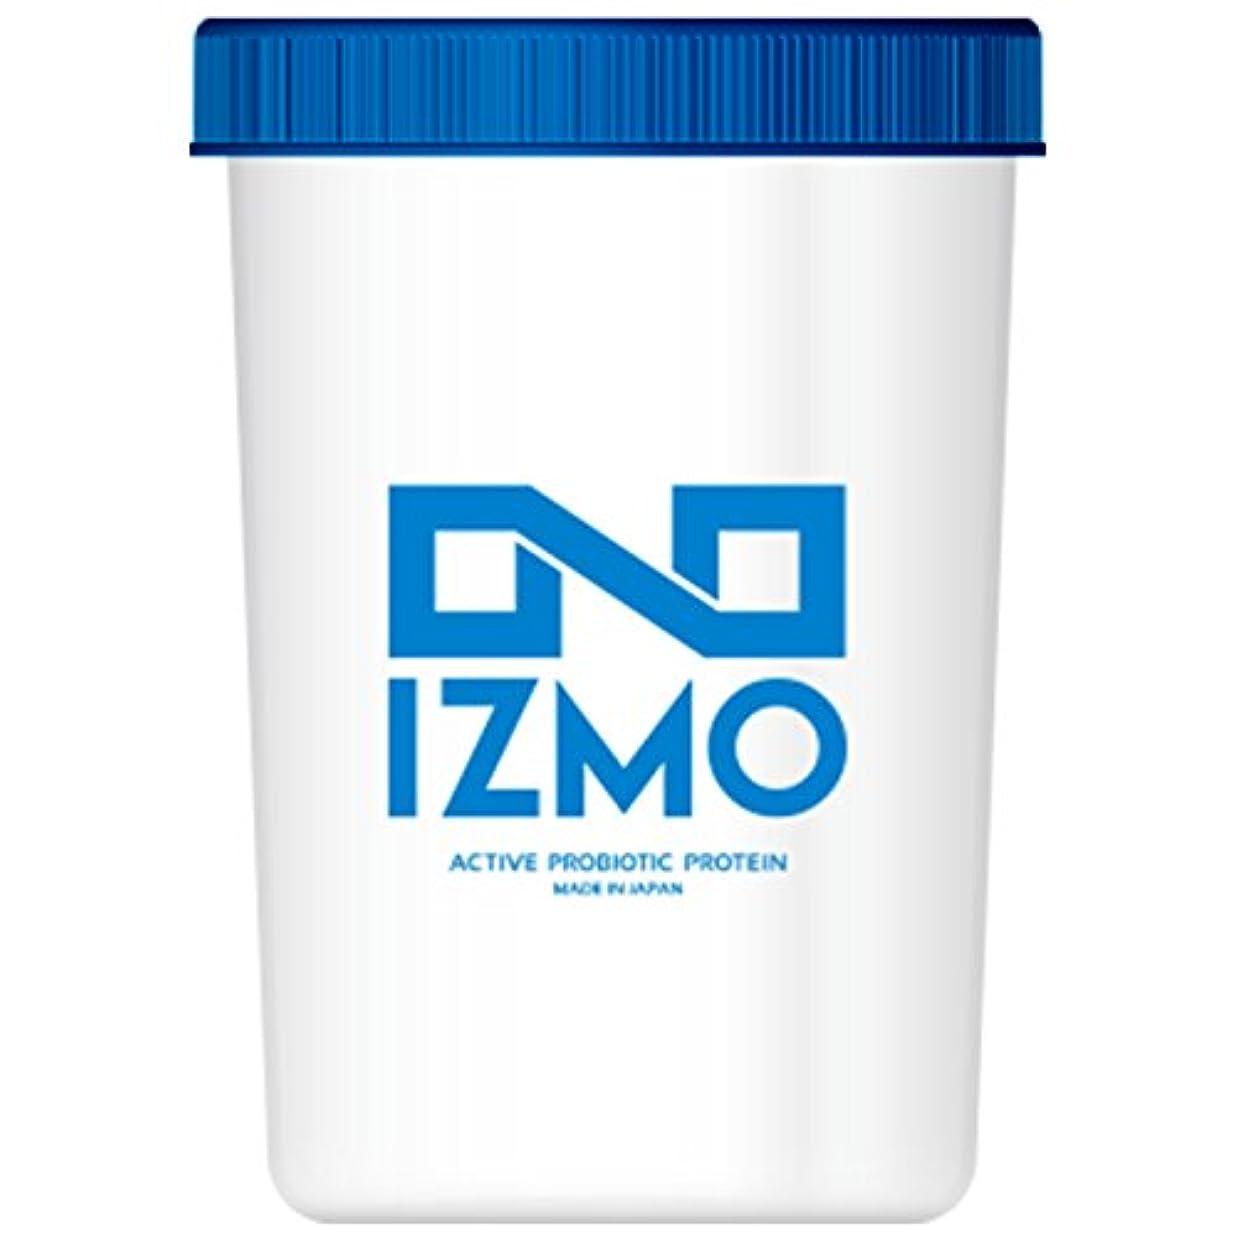 真面目な経験者満了IZMO -イズモ- シェイカー 400ml